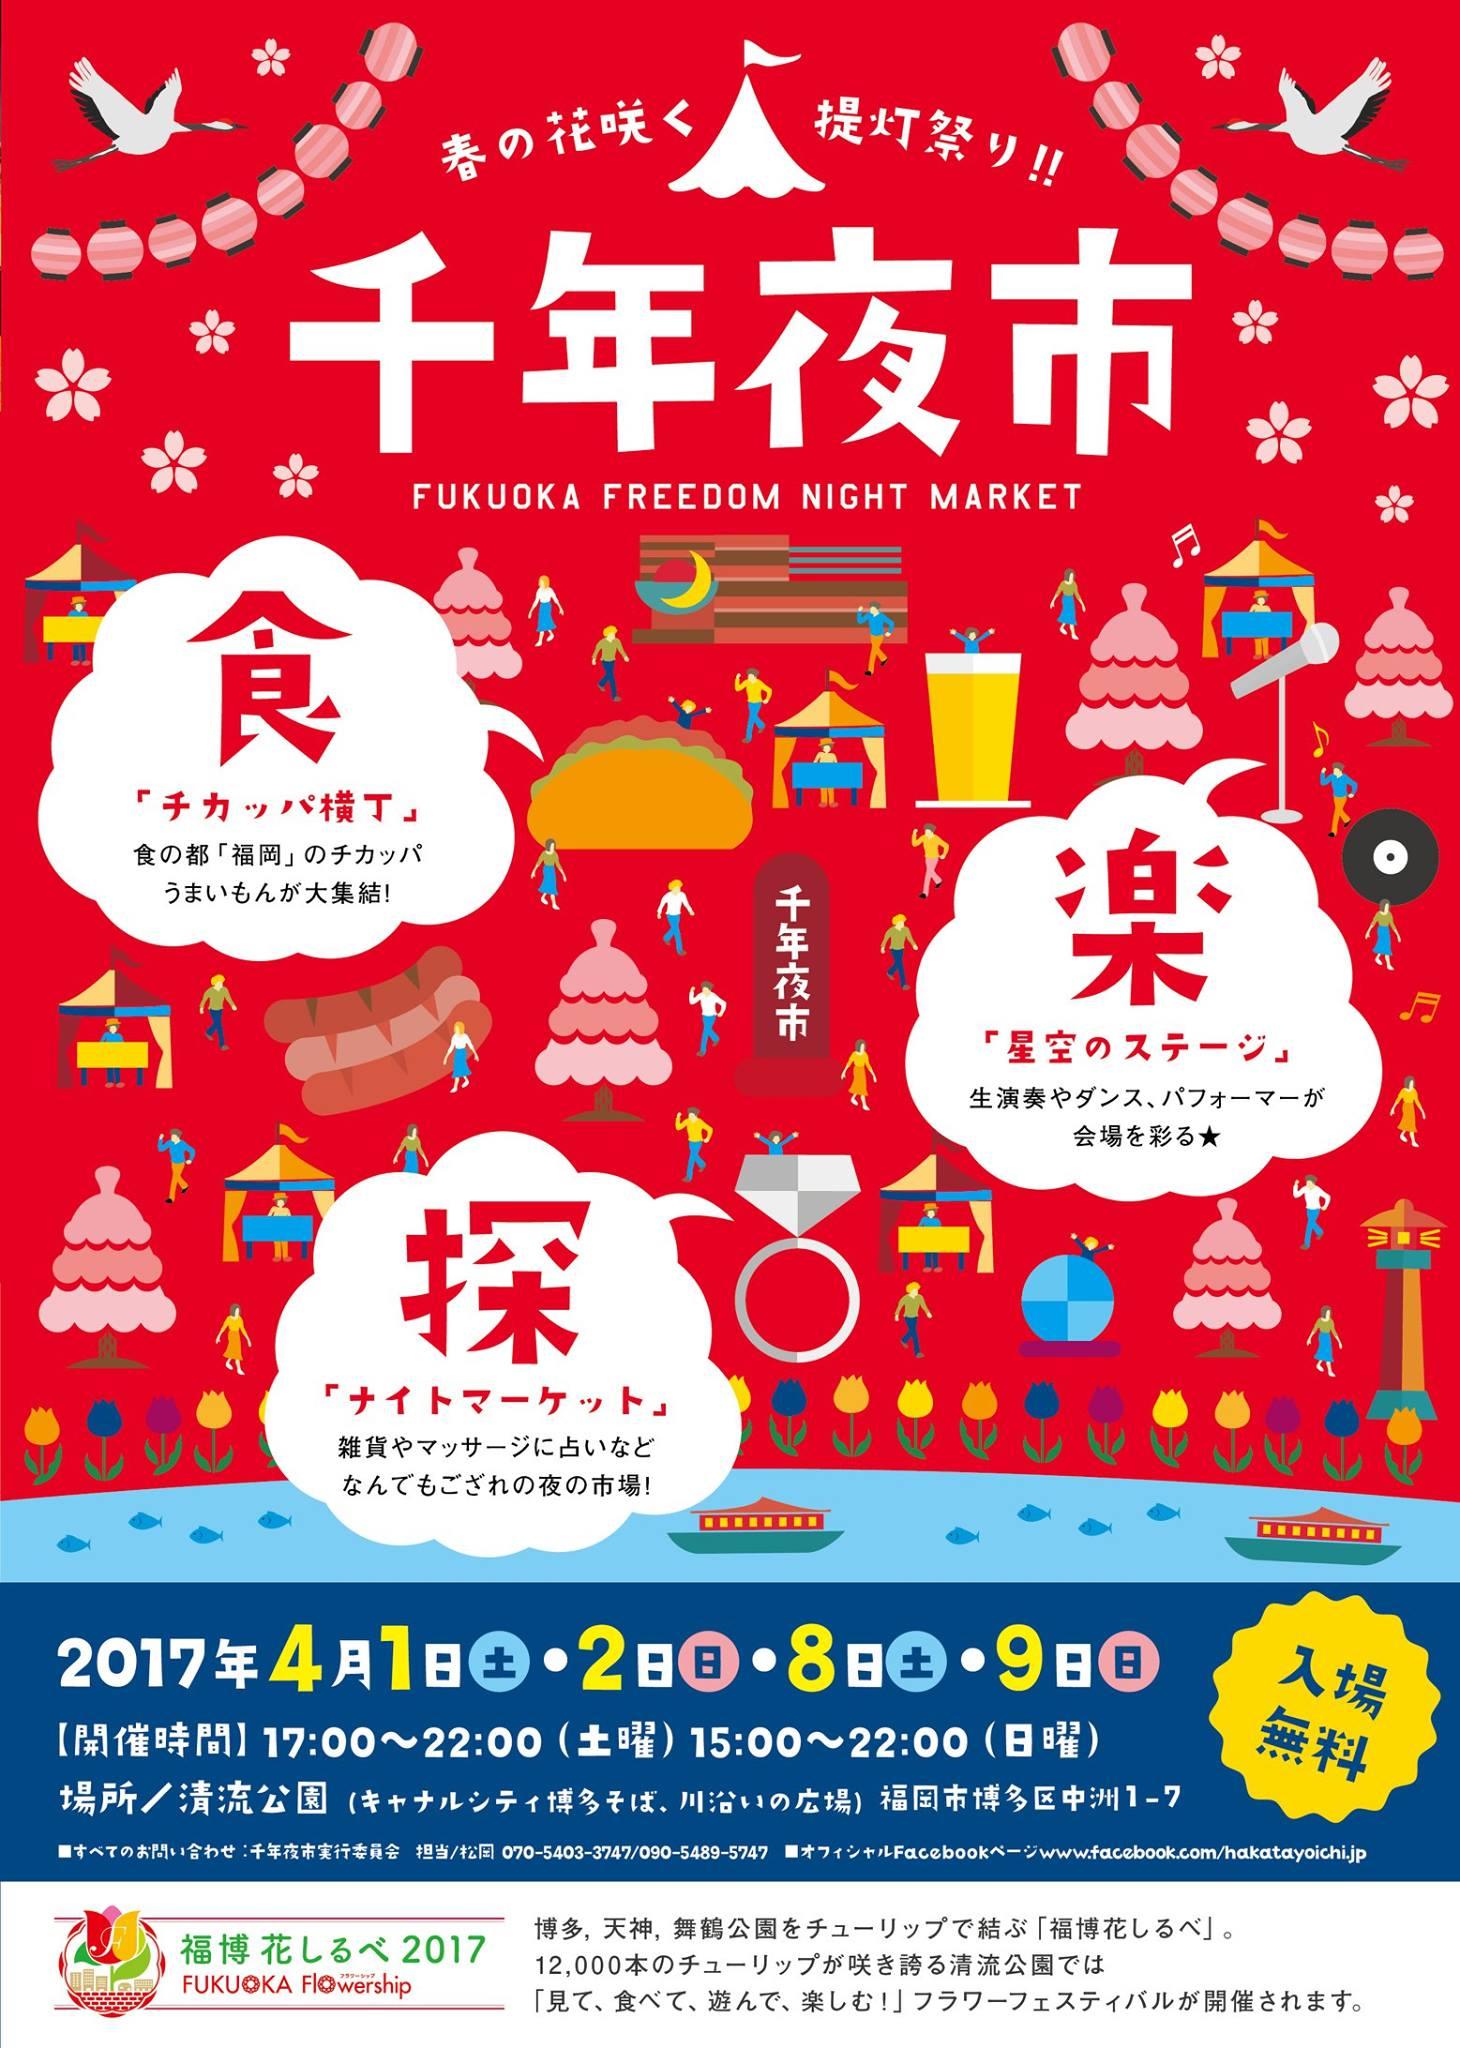 キャナル前の清流公園であるイベント「千年夜市2017」春4日間オープン!